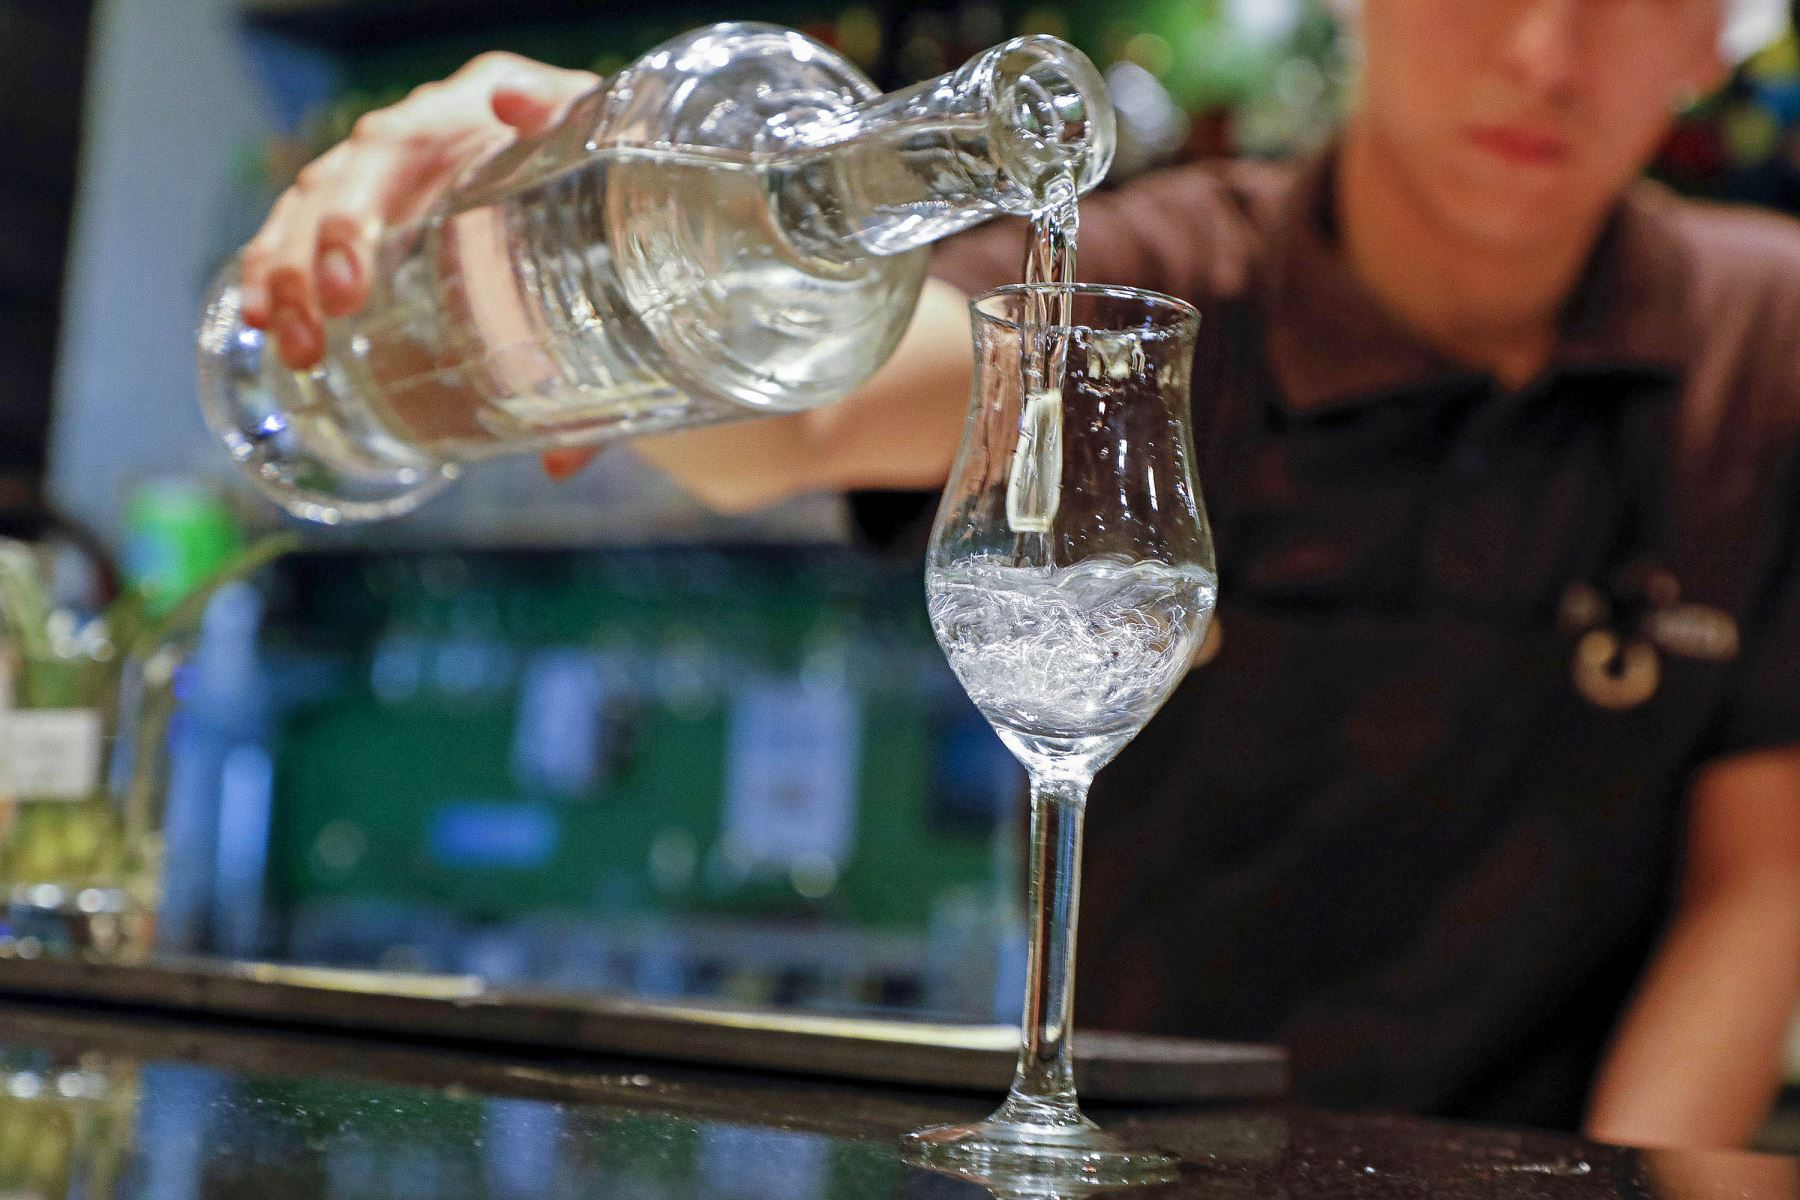 Producción formal de la bebida bandera ascenderá a 7.4 millones de litros este año